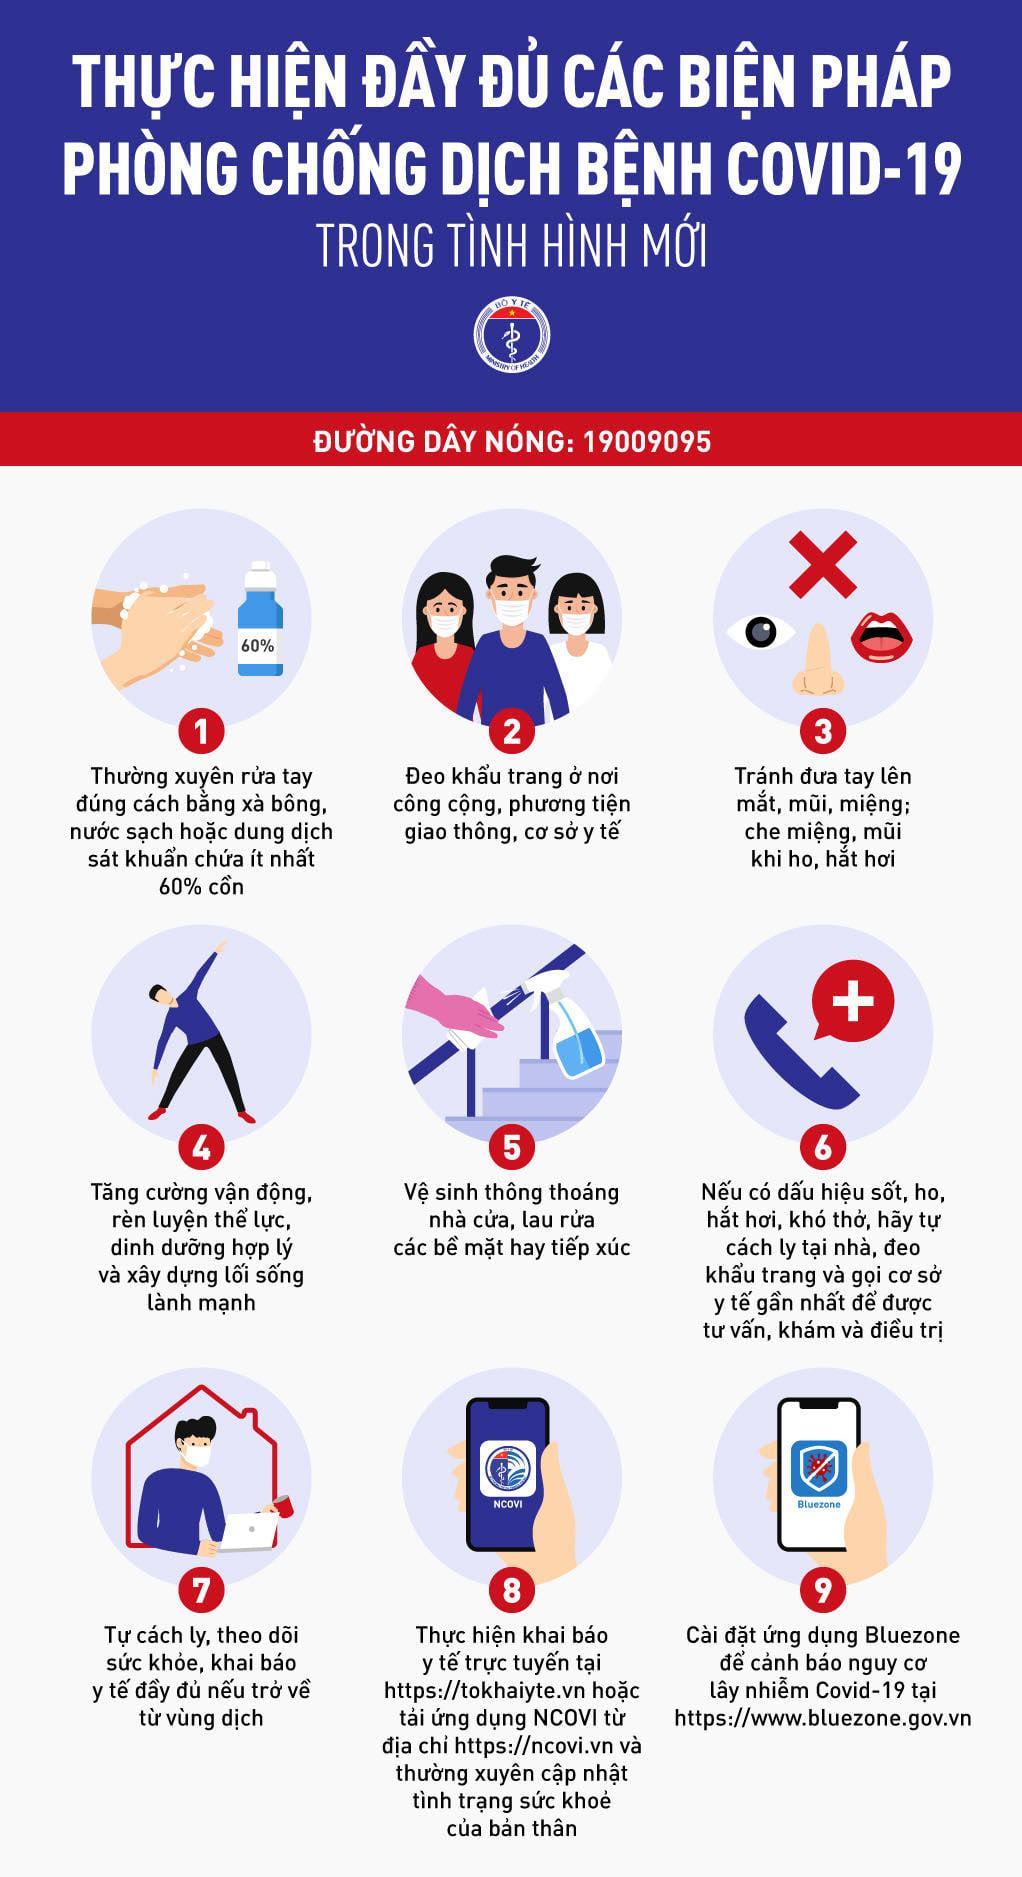 9 biện pháp mới nhất phòng chống dịch COVID-19 người dân cần biết